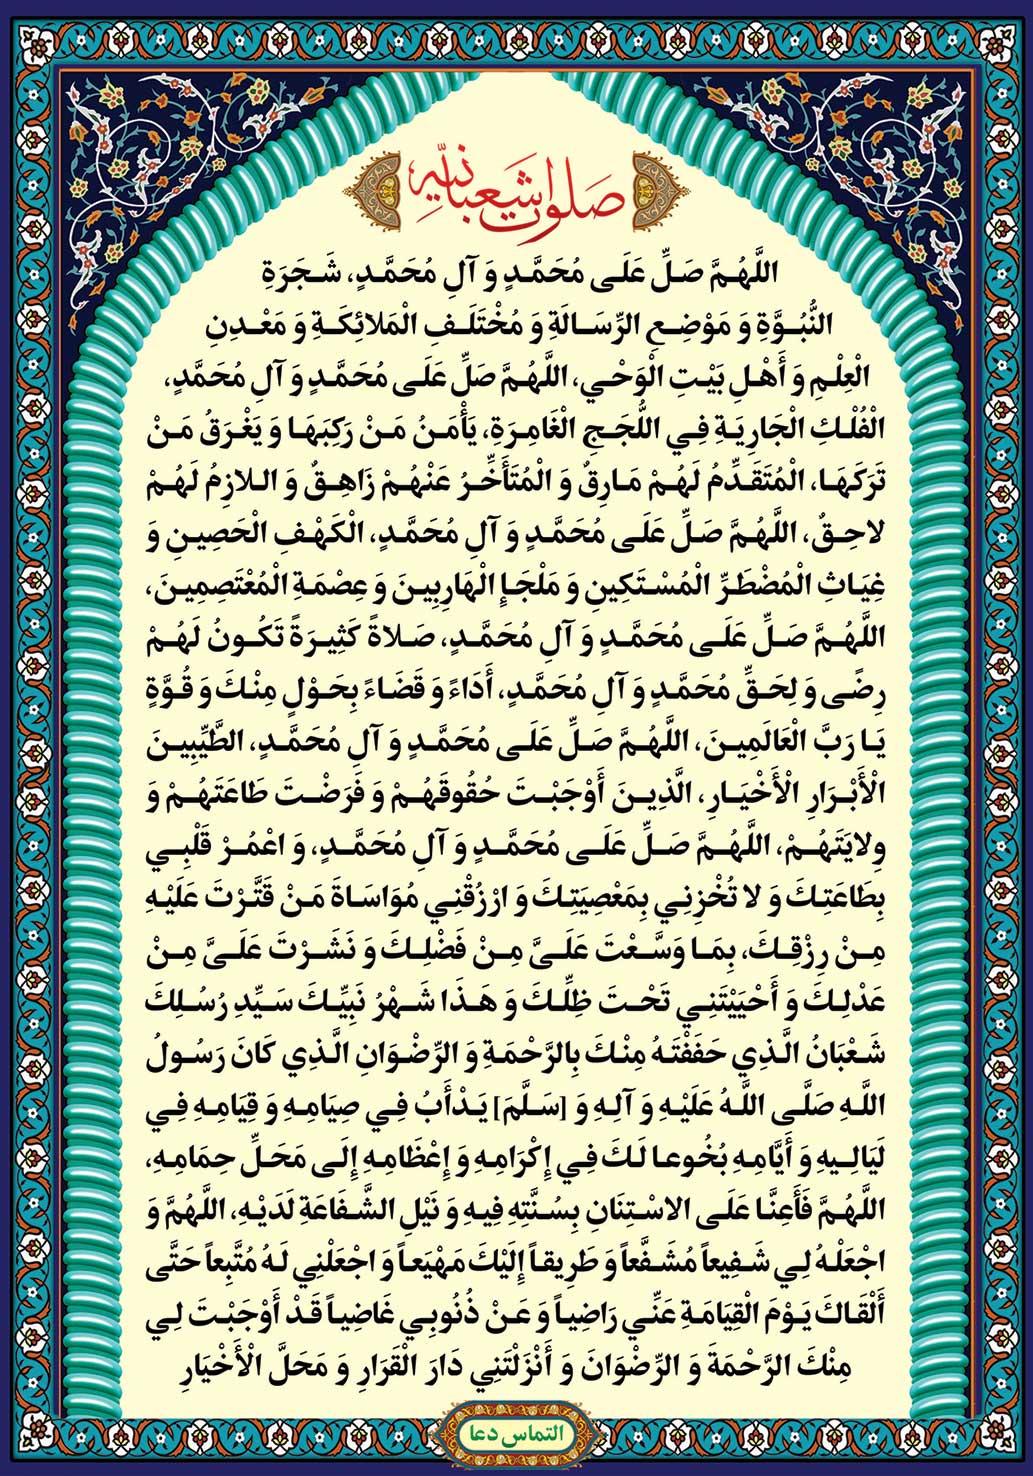 متن کامل صلوات شعبانیه به همراه ترجمه فارسی-مطالب مذهبی